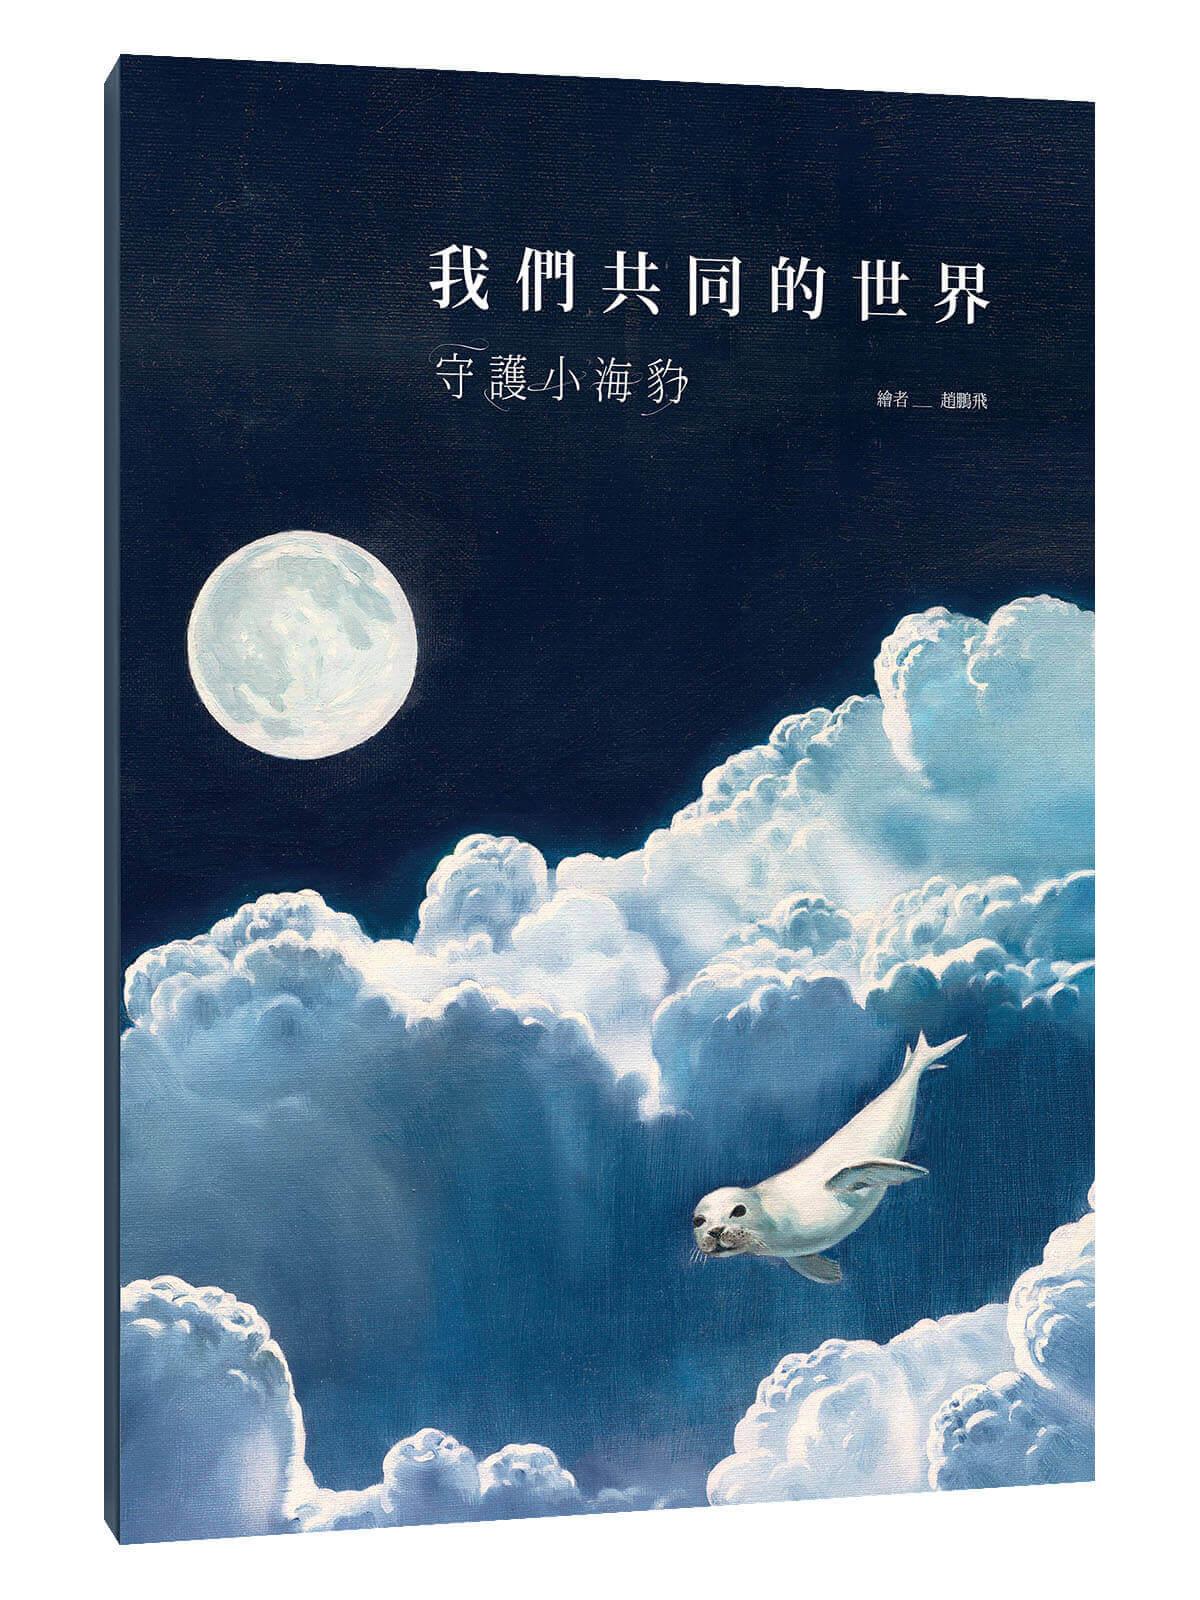 《我們共同的世界:守護小海豹》立體書封